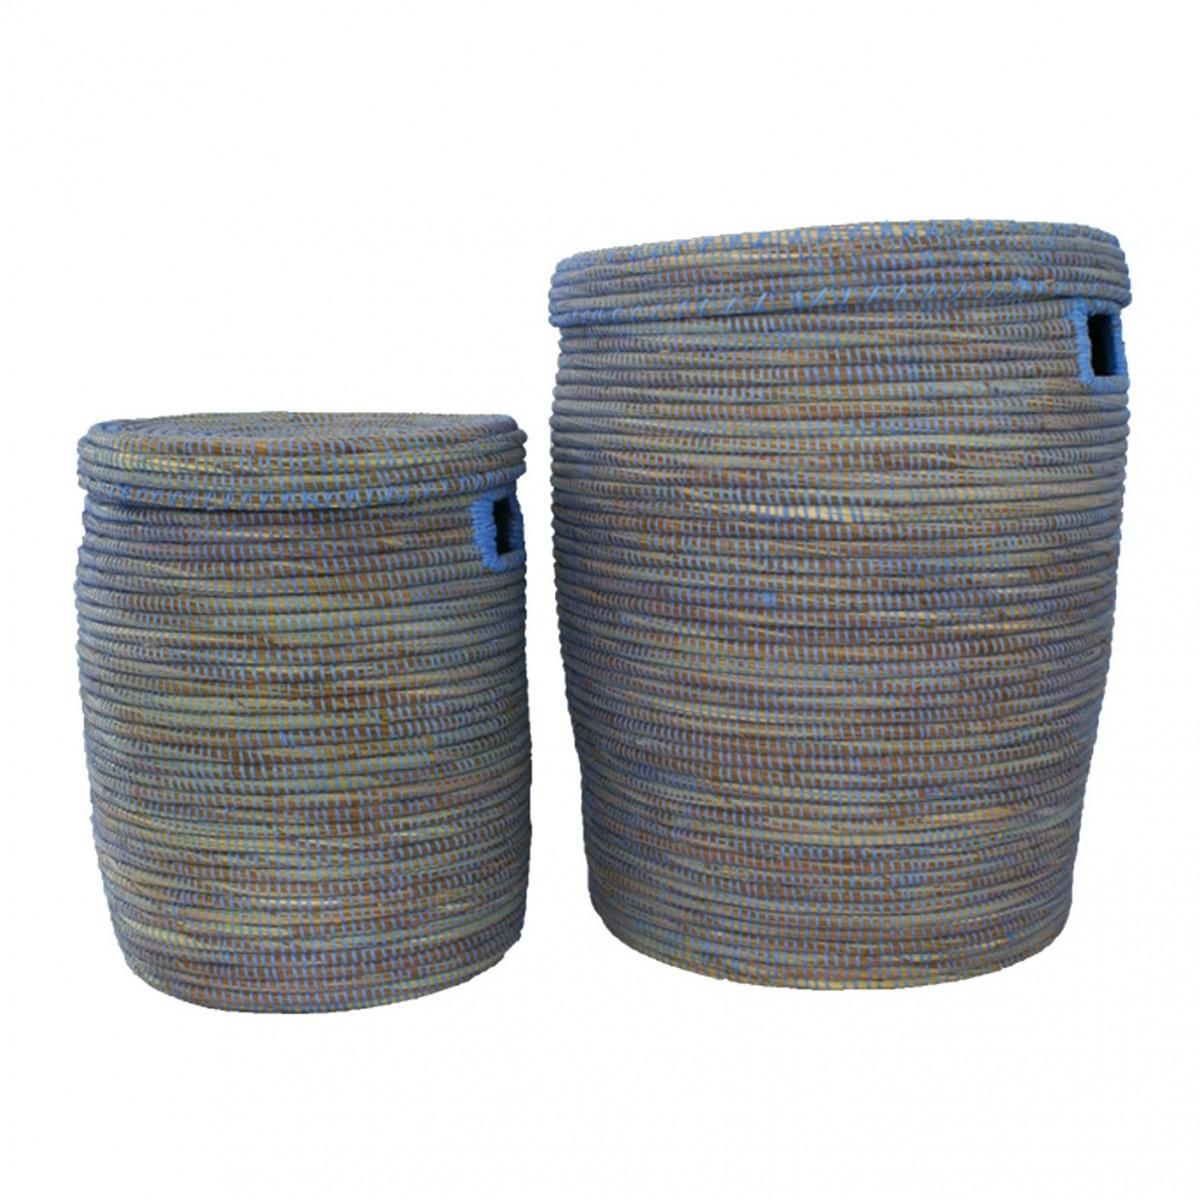 Panier de rangement avec couvercle en paille et plastique recycl ea deco - Panier en osier avec couvercle ...